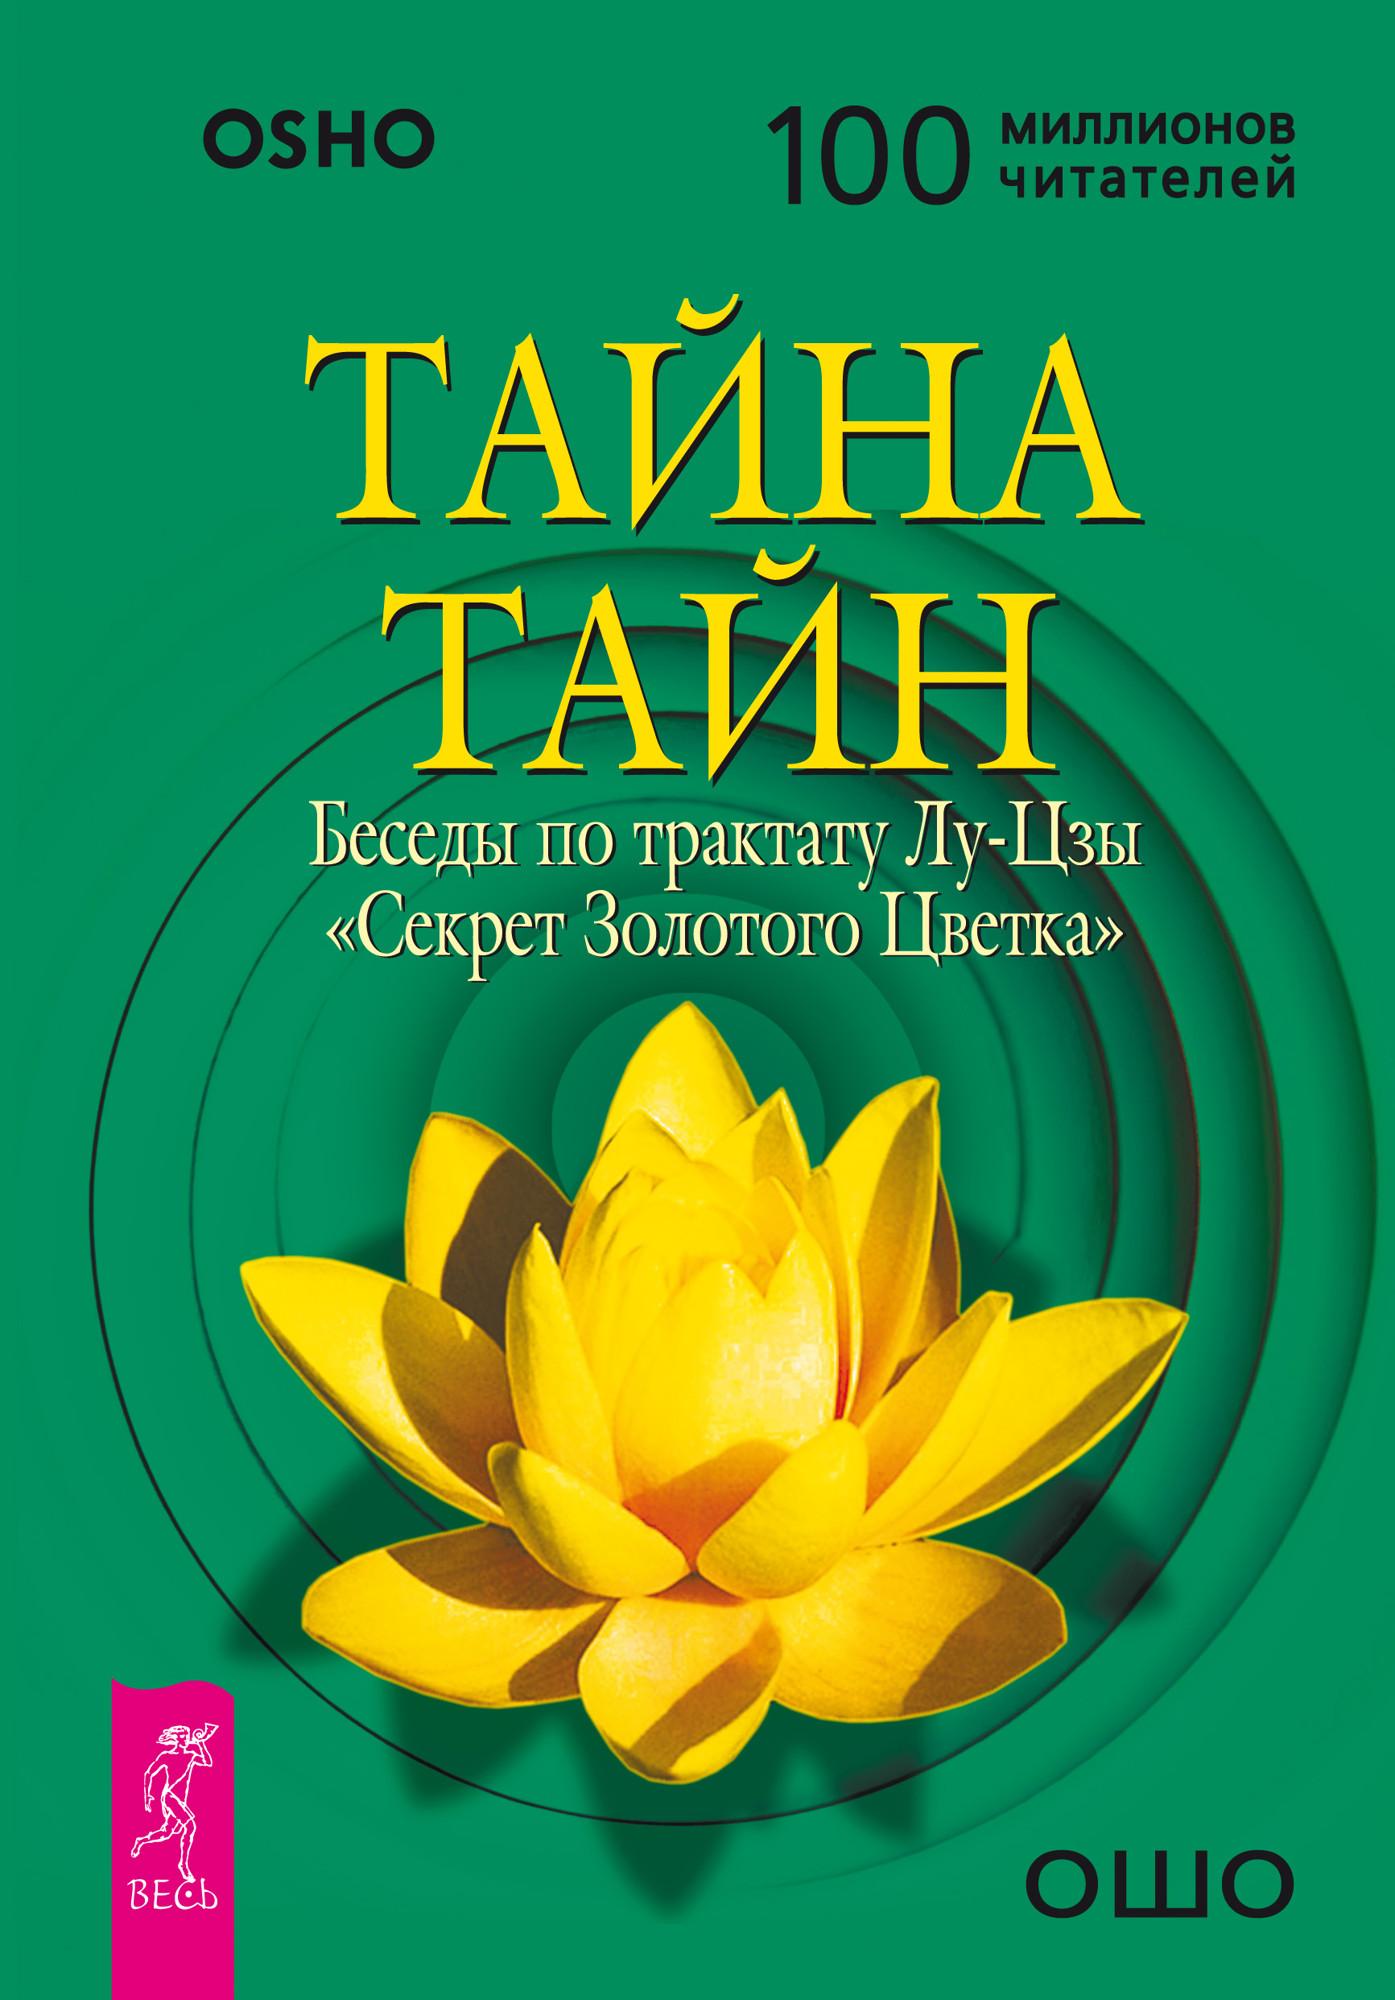 Бхагаван Раджниш (Ошо) «Тайна тайн. Беседы по трактату Лу-Цзы «Секрет Золотого Цветка»»